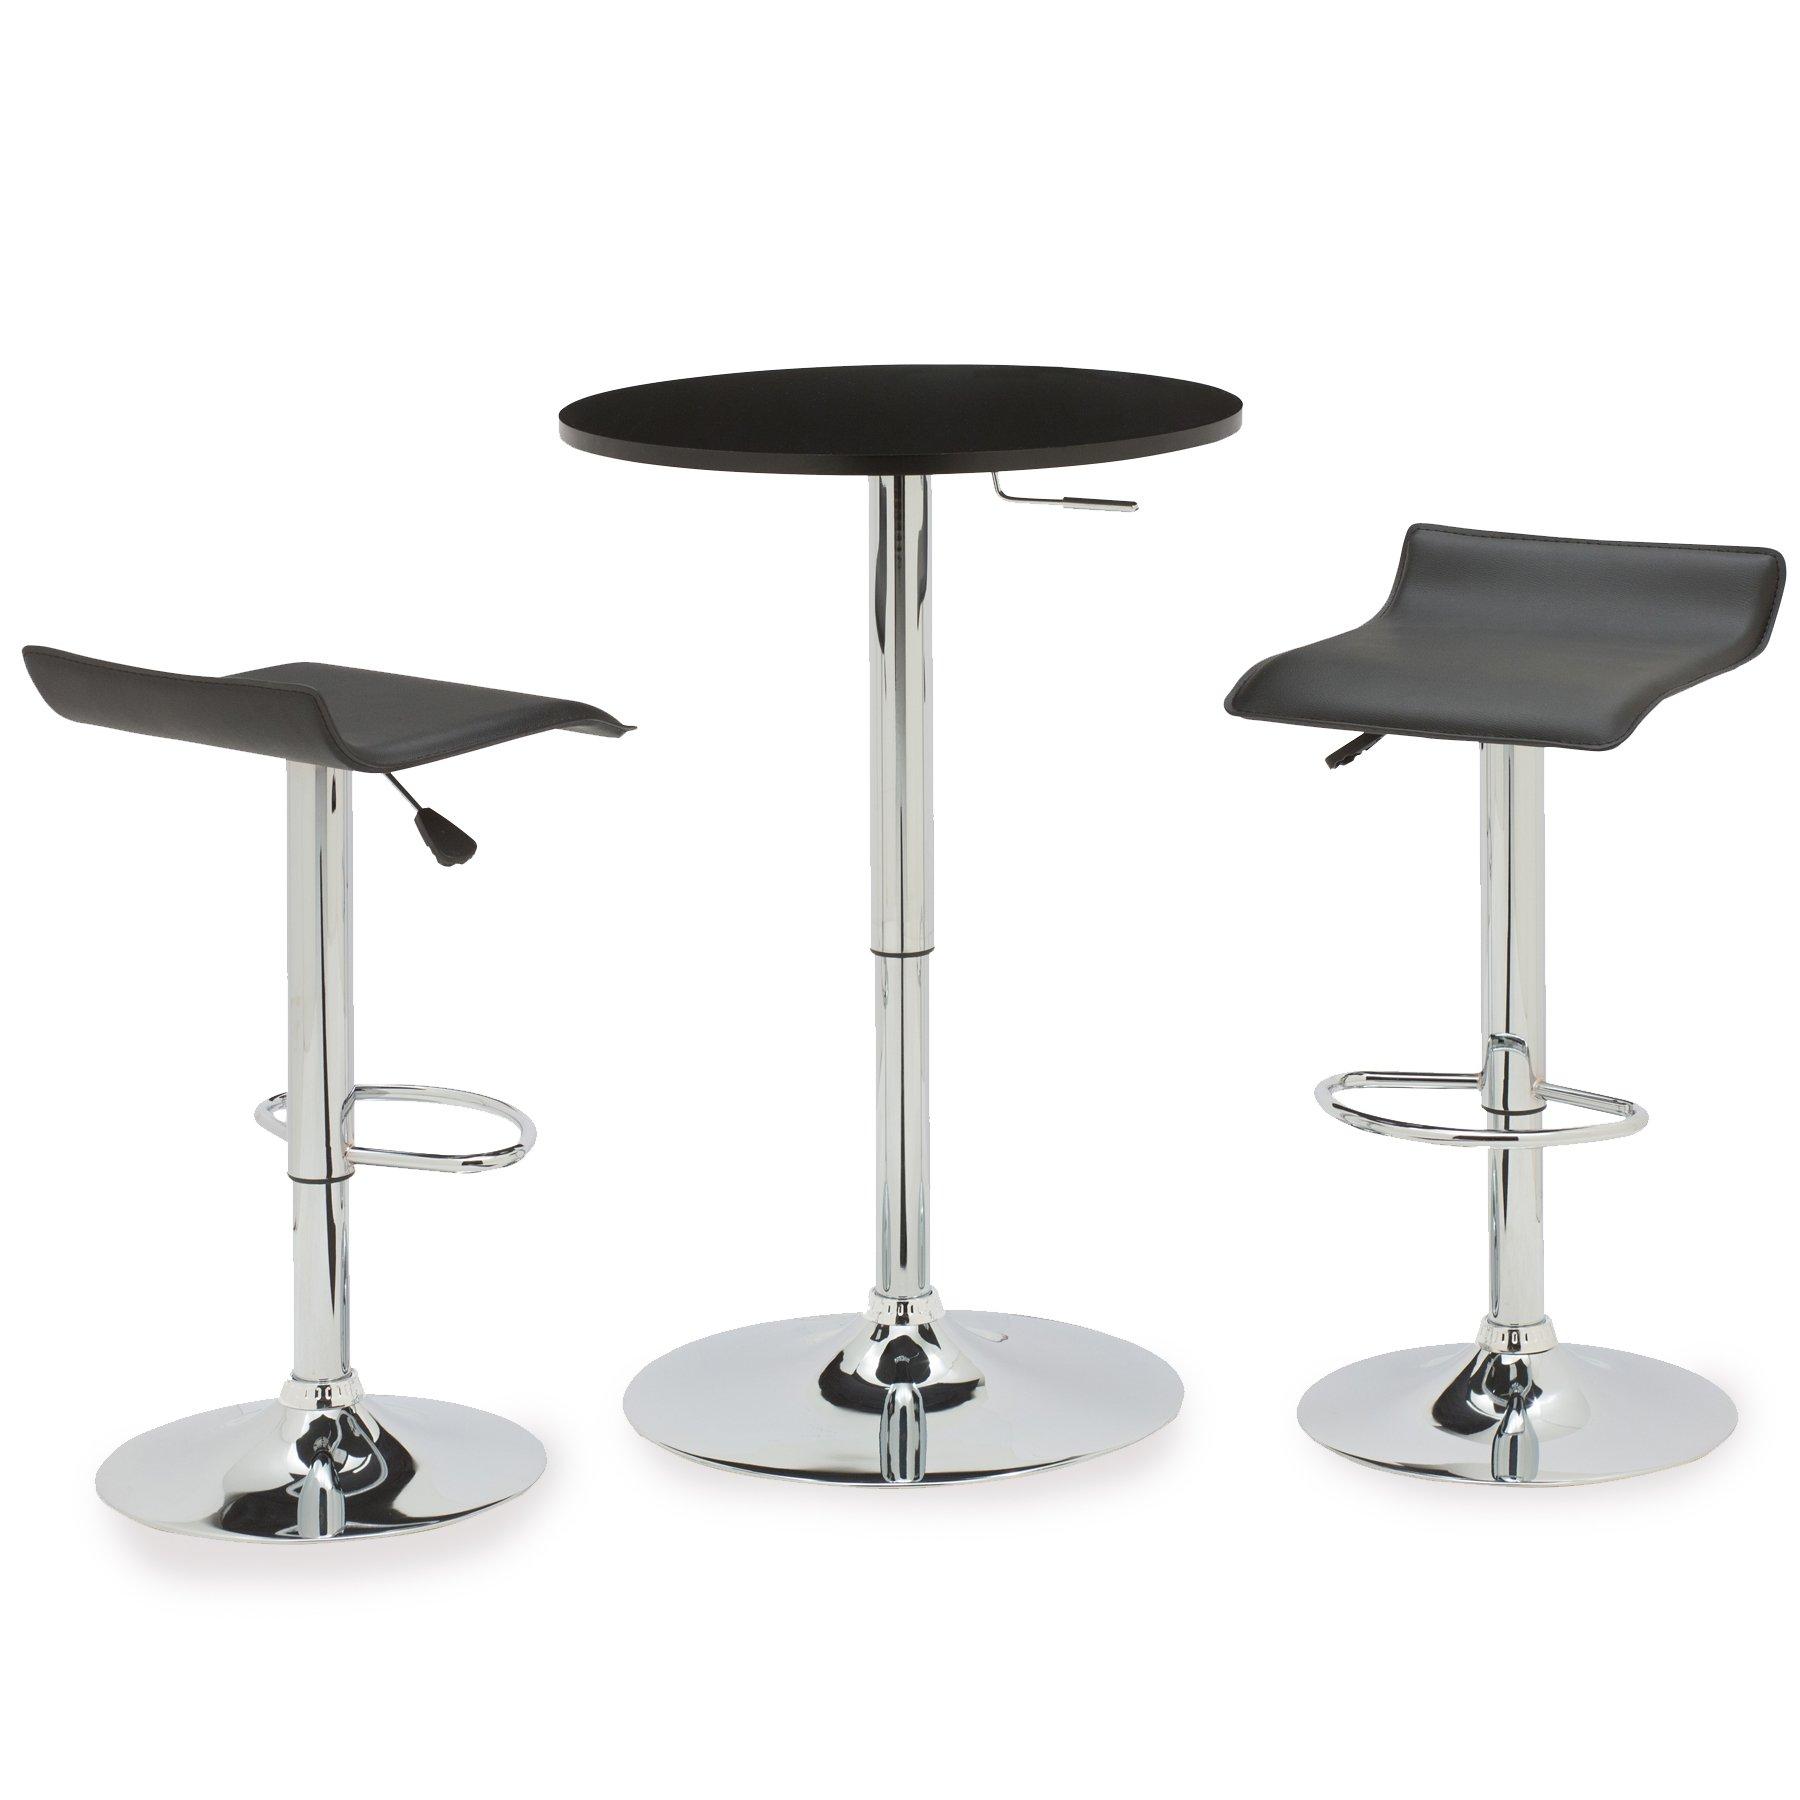 Leick 3 Piece Adjustable Height Pub Table Set, Black